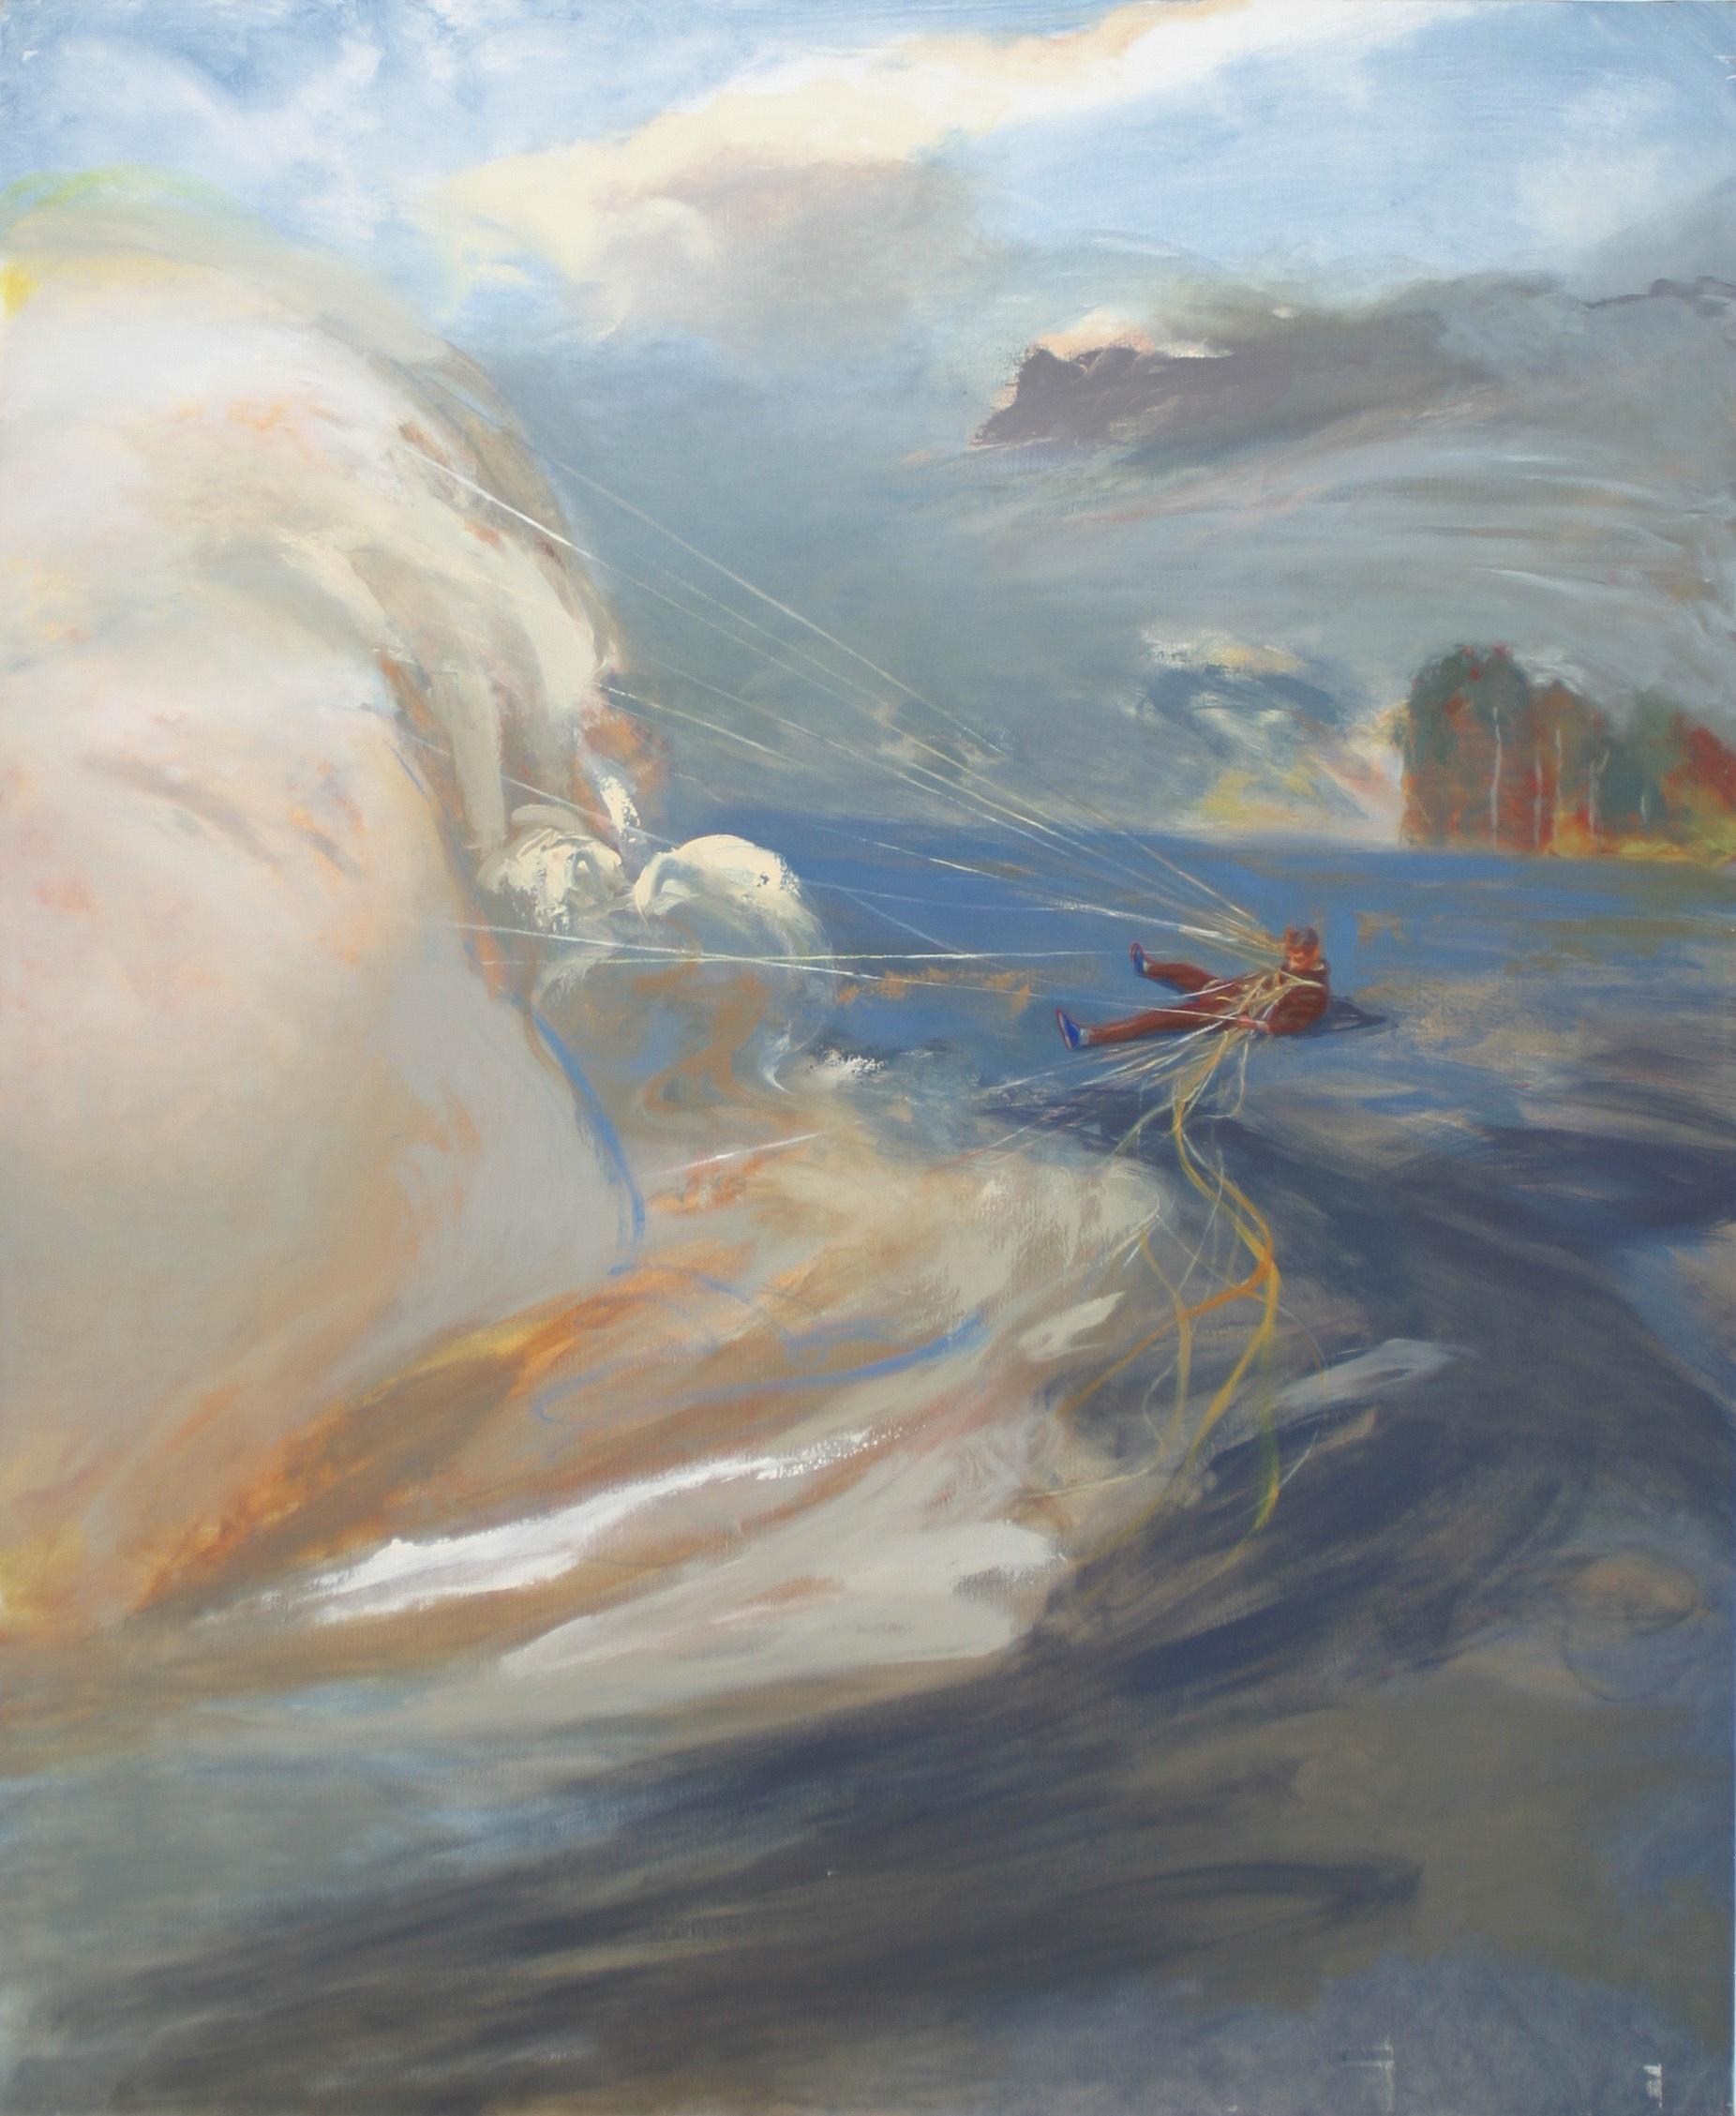 Le dompteur de nuages - huile sur toile - 190x160 cm -      Collection privée